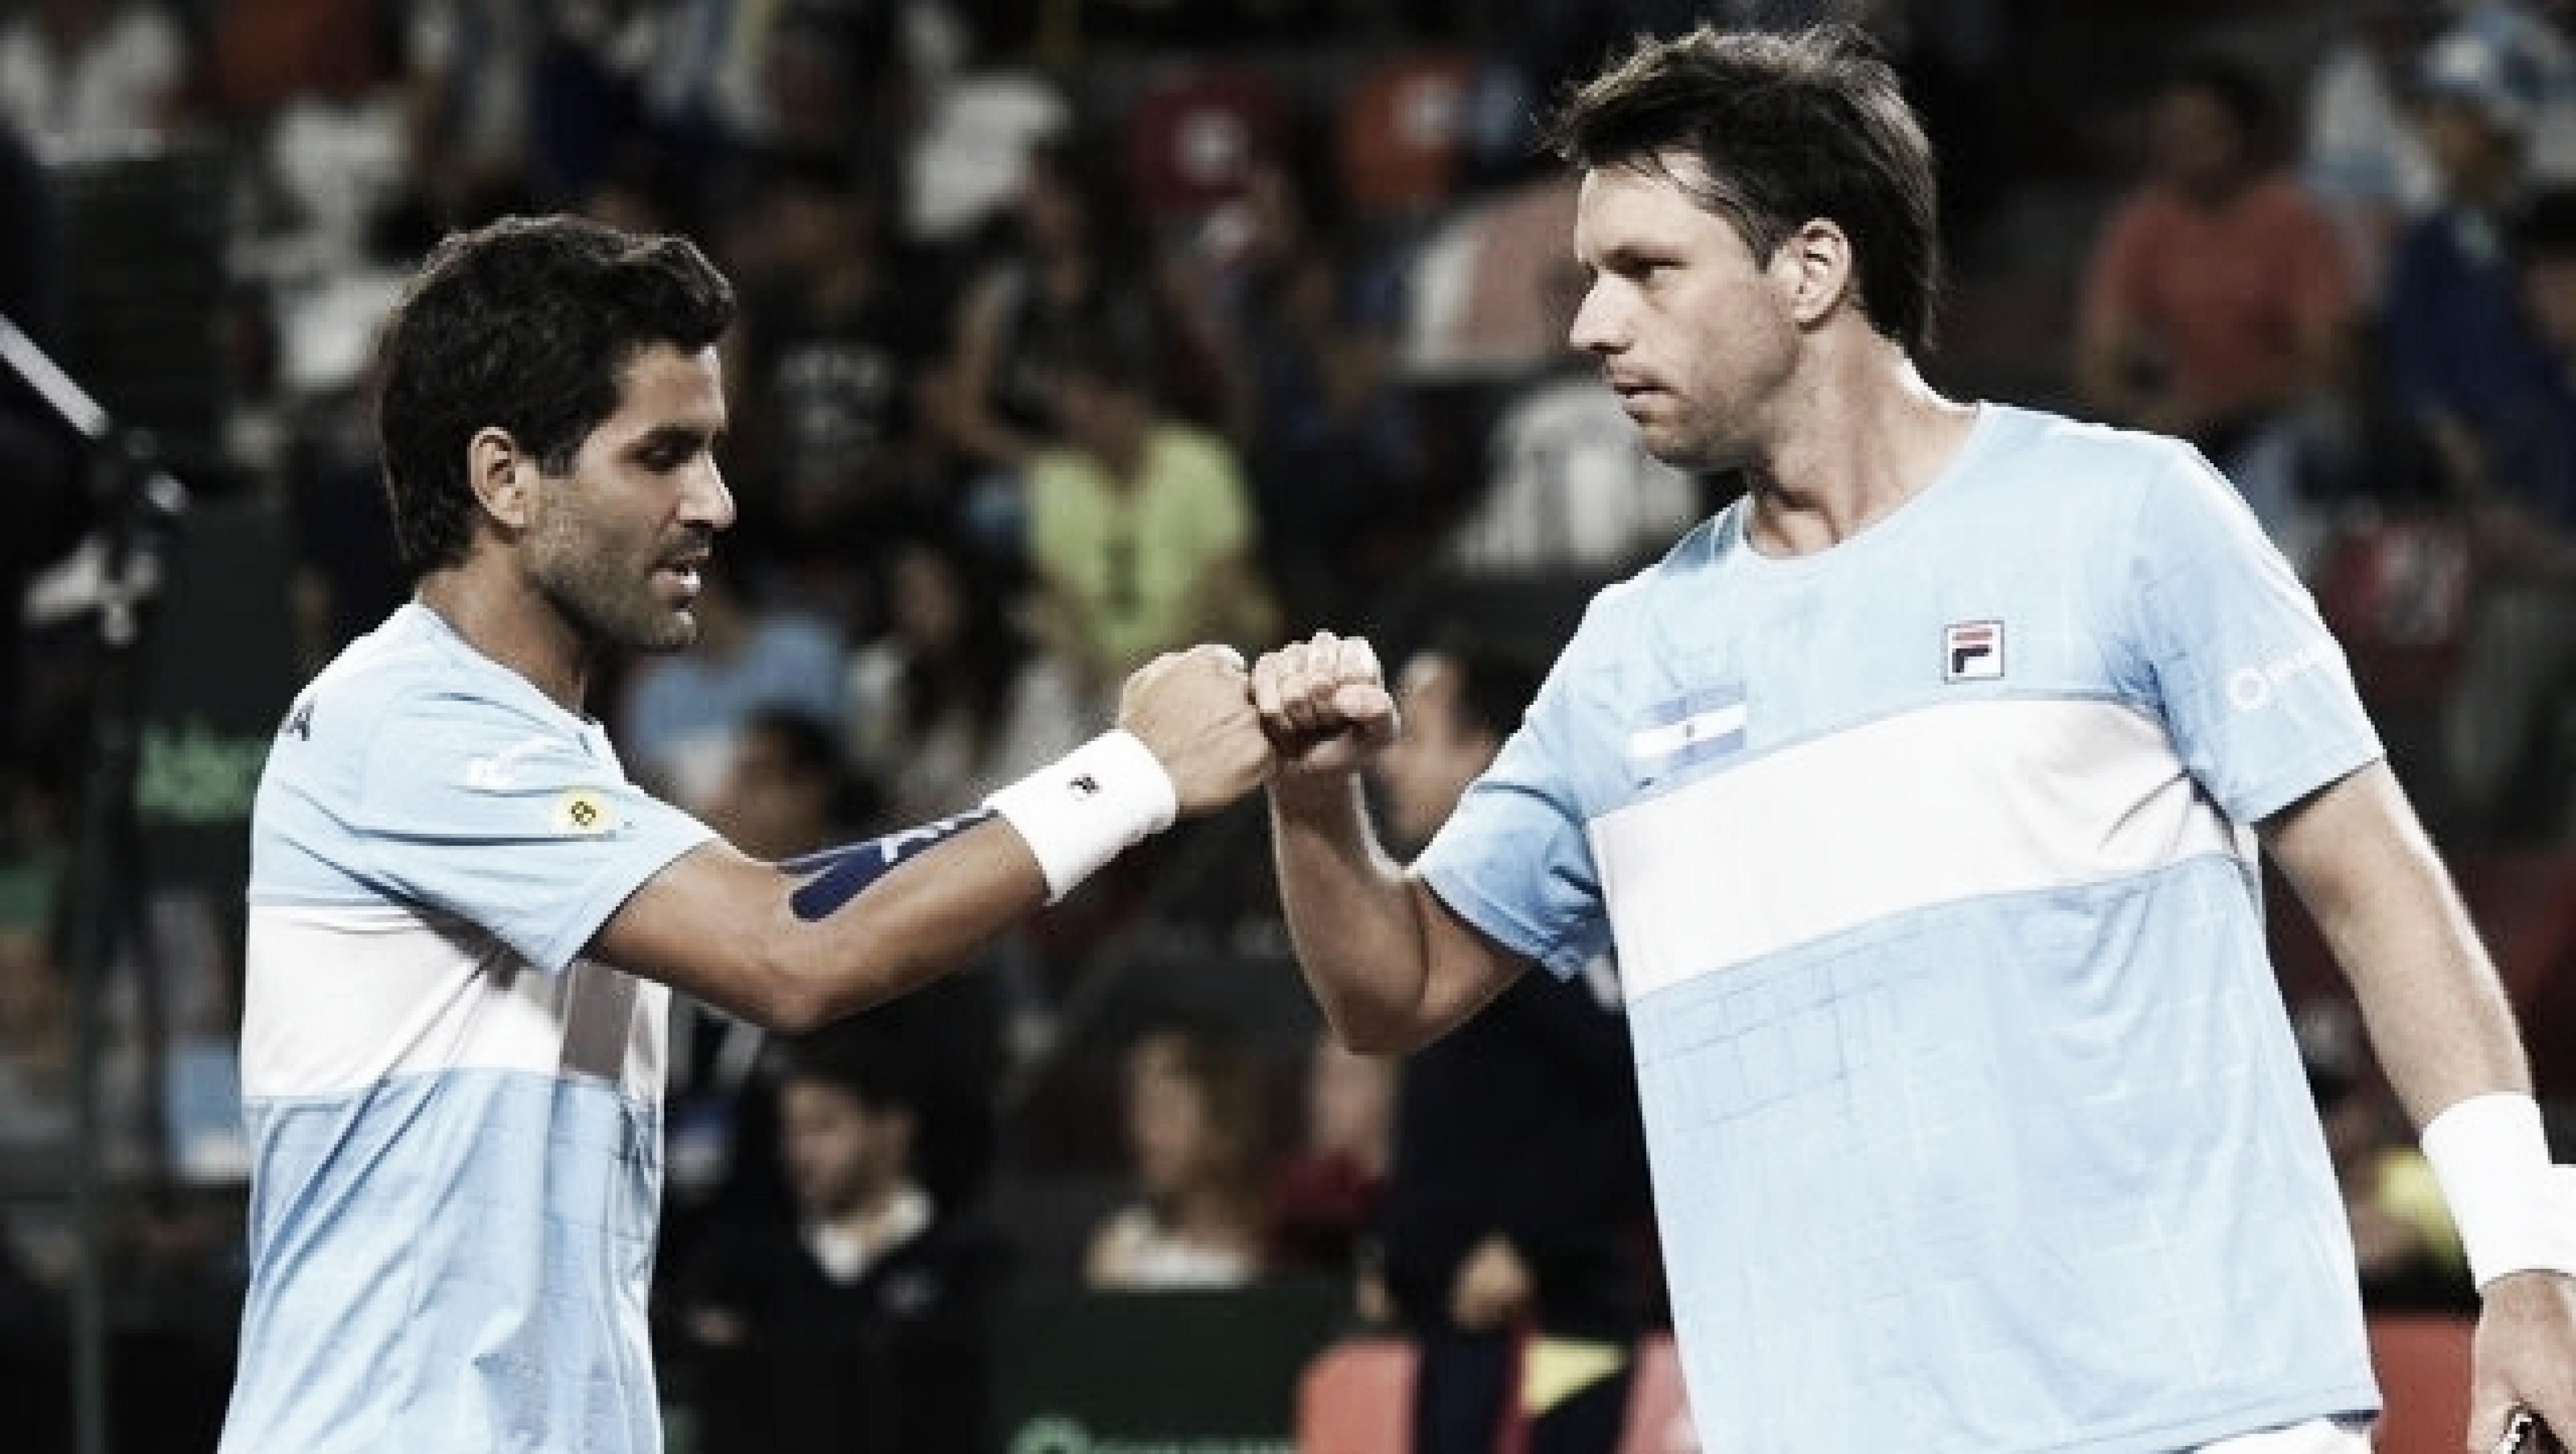 El dobles le da la serie a Argentina